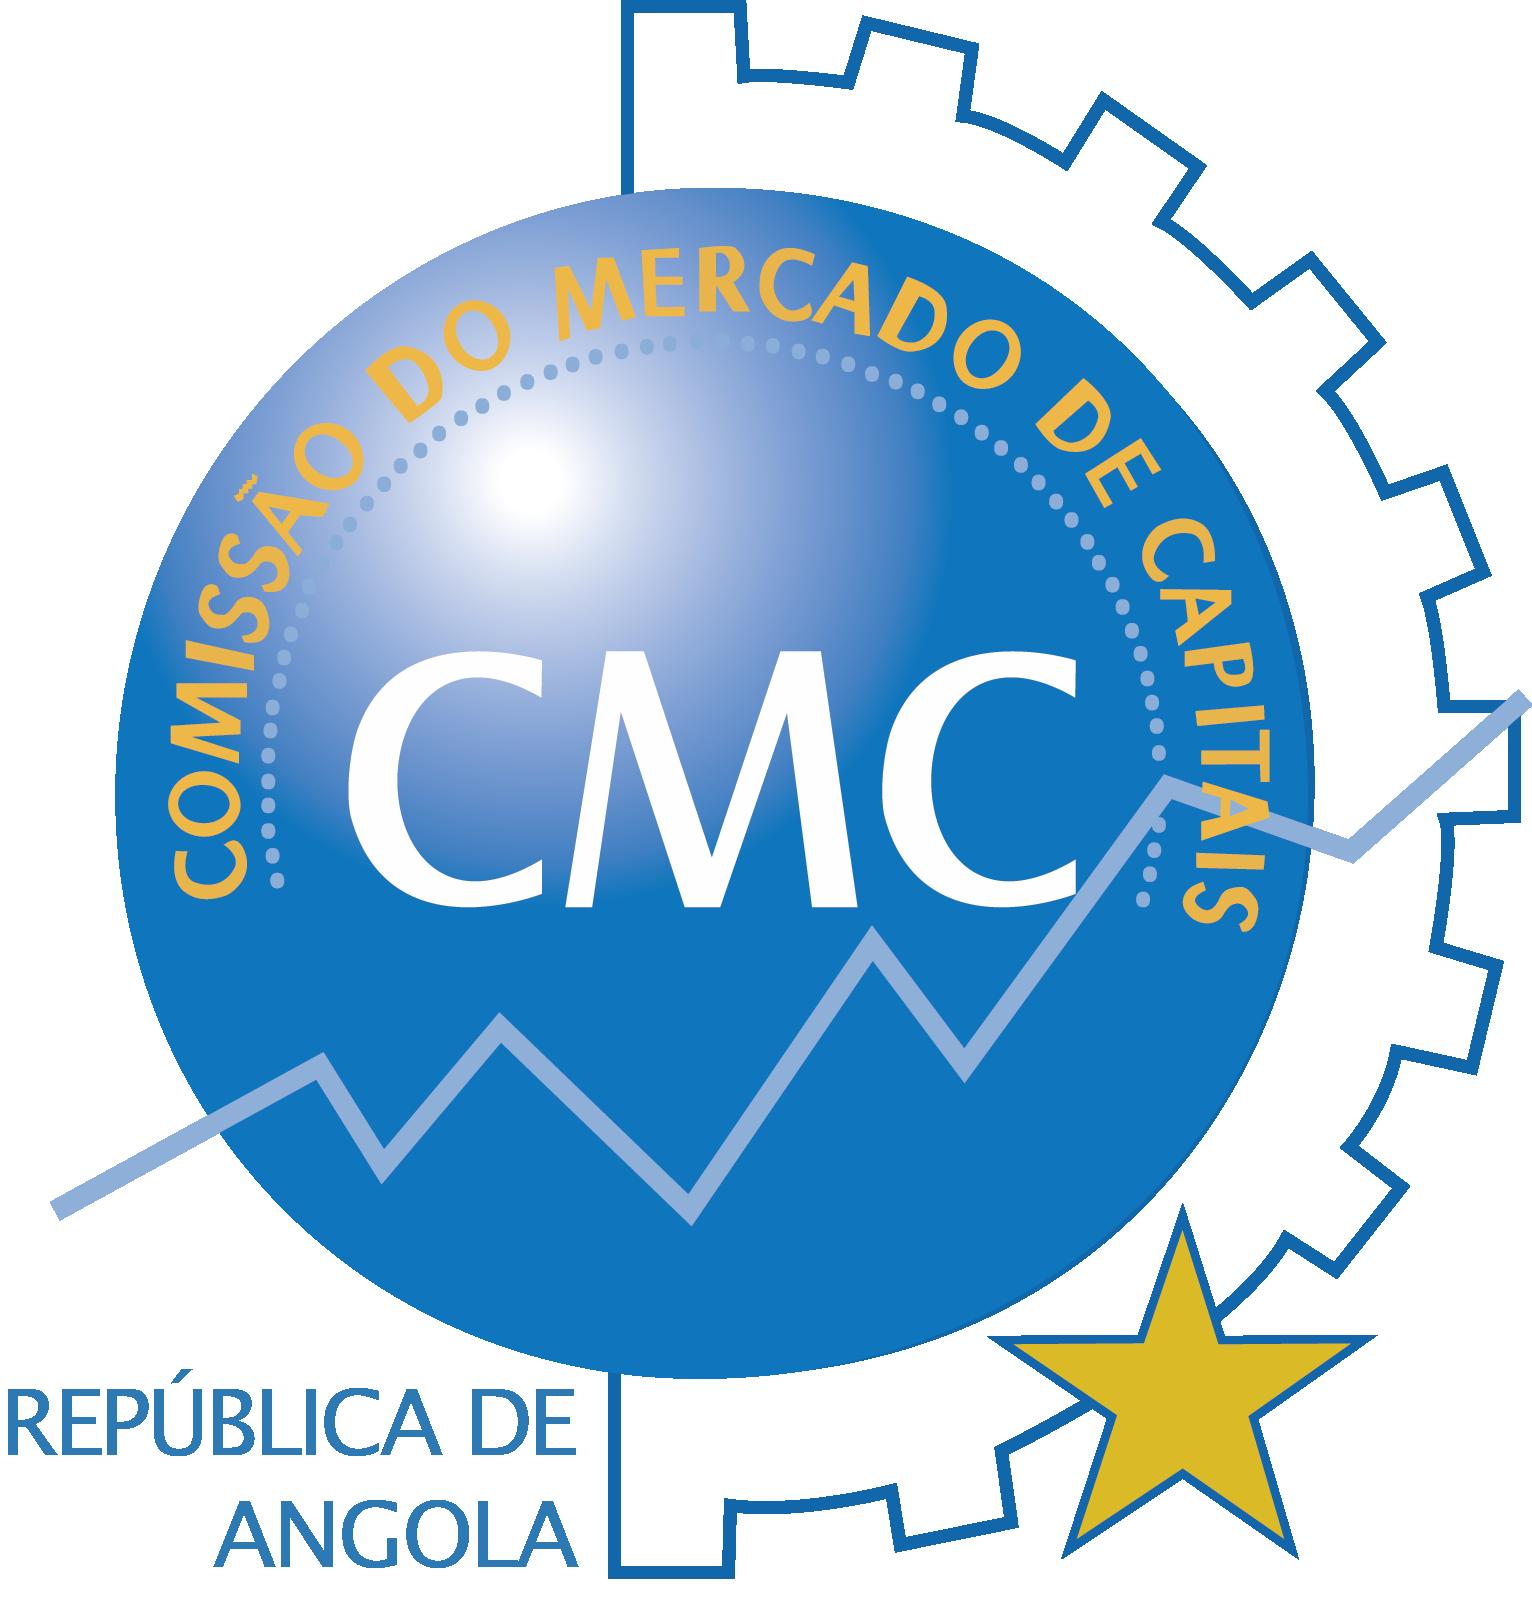 Veja o que saiu no Migalhas sobre Comissão do Mercado de Capitais